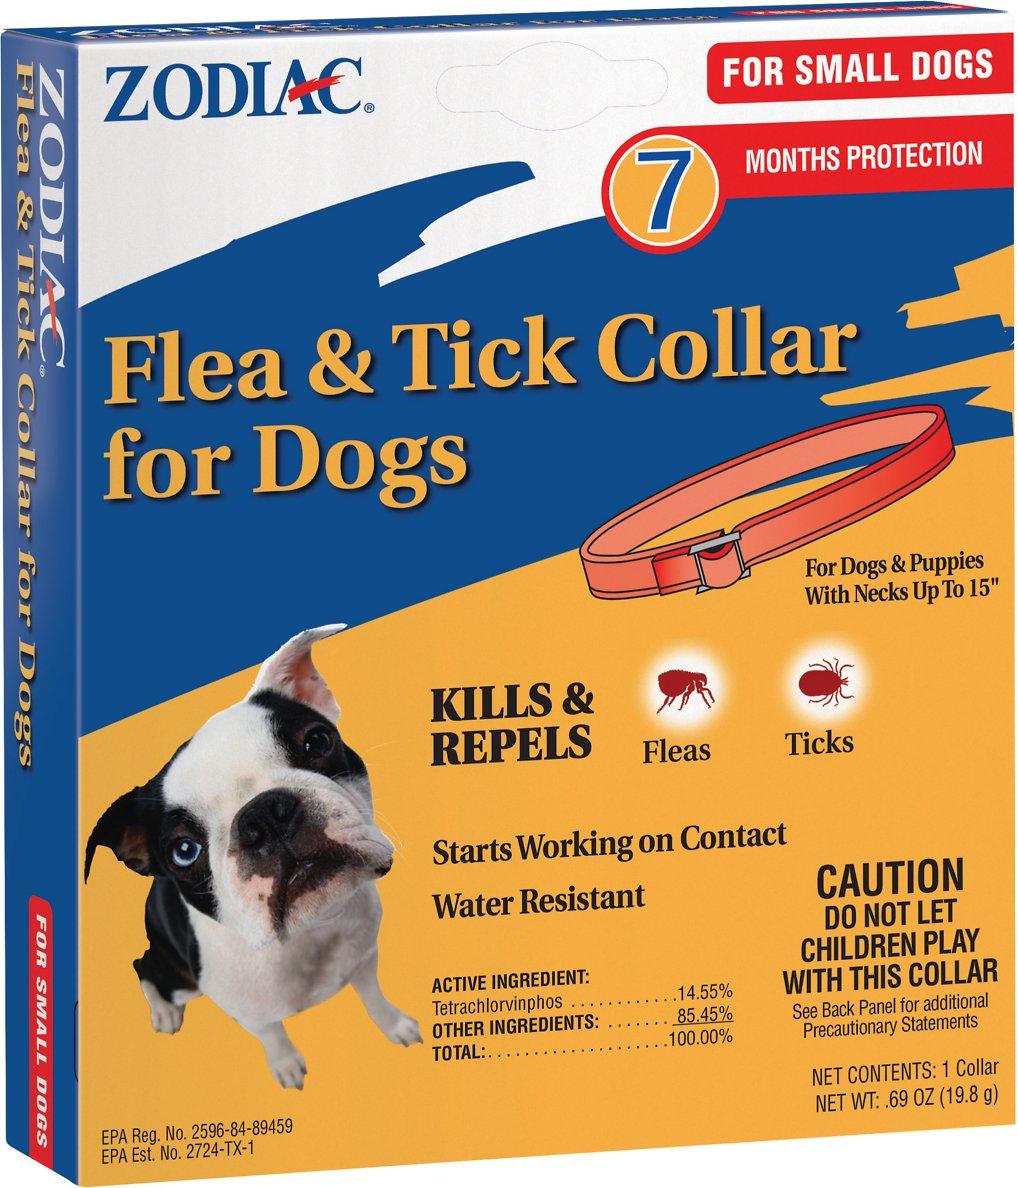 Zodiac Flea & Tick Collar for Small Dogs, 15-in